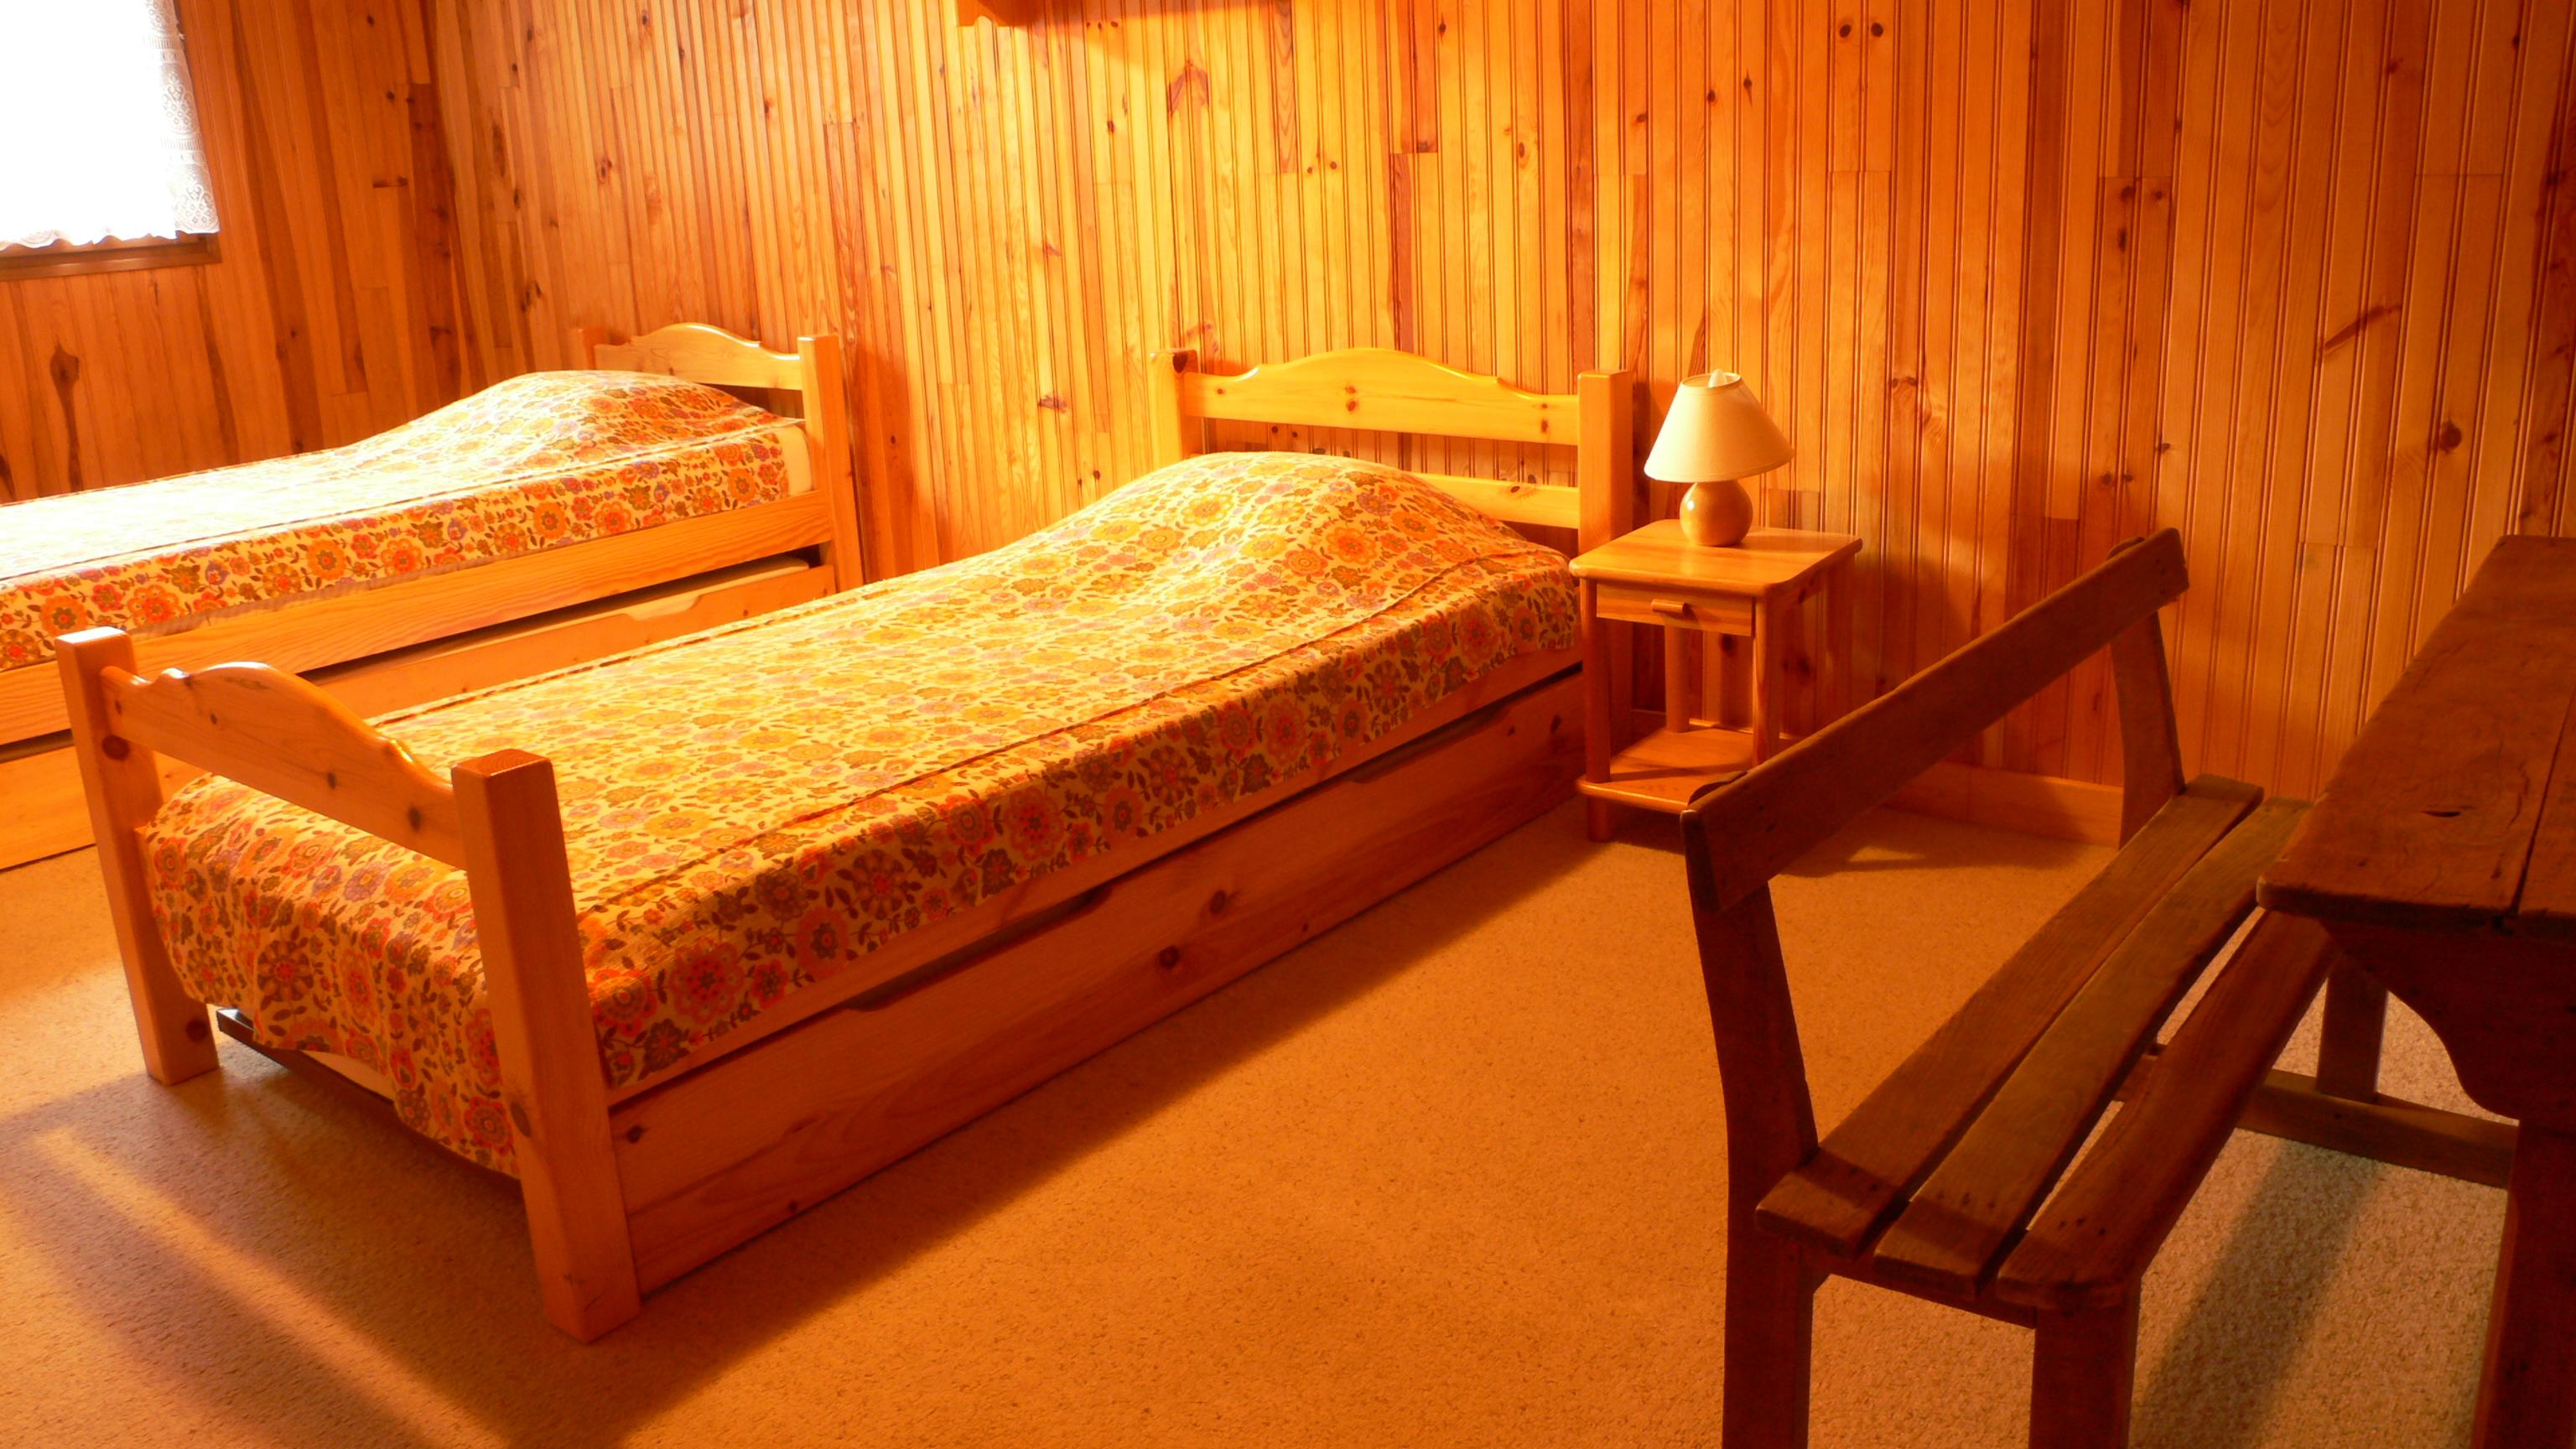 Appartement seythenex lac d 39 annecy g tes de la sambuy for Chambre de recours